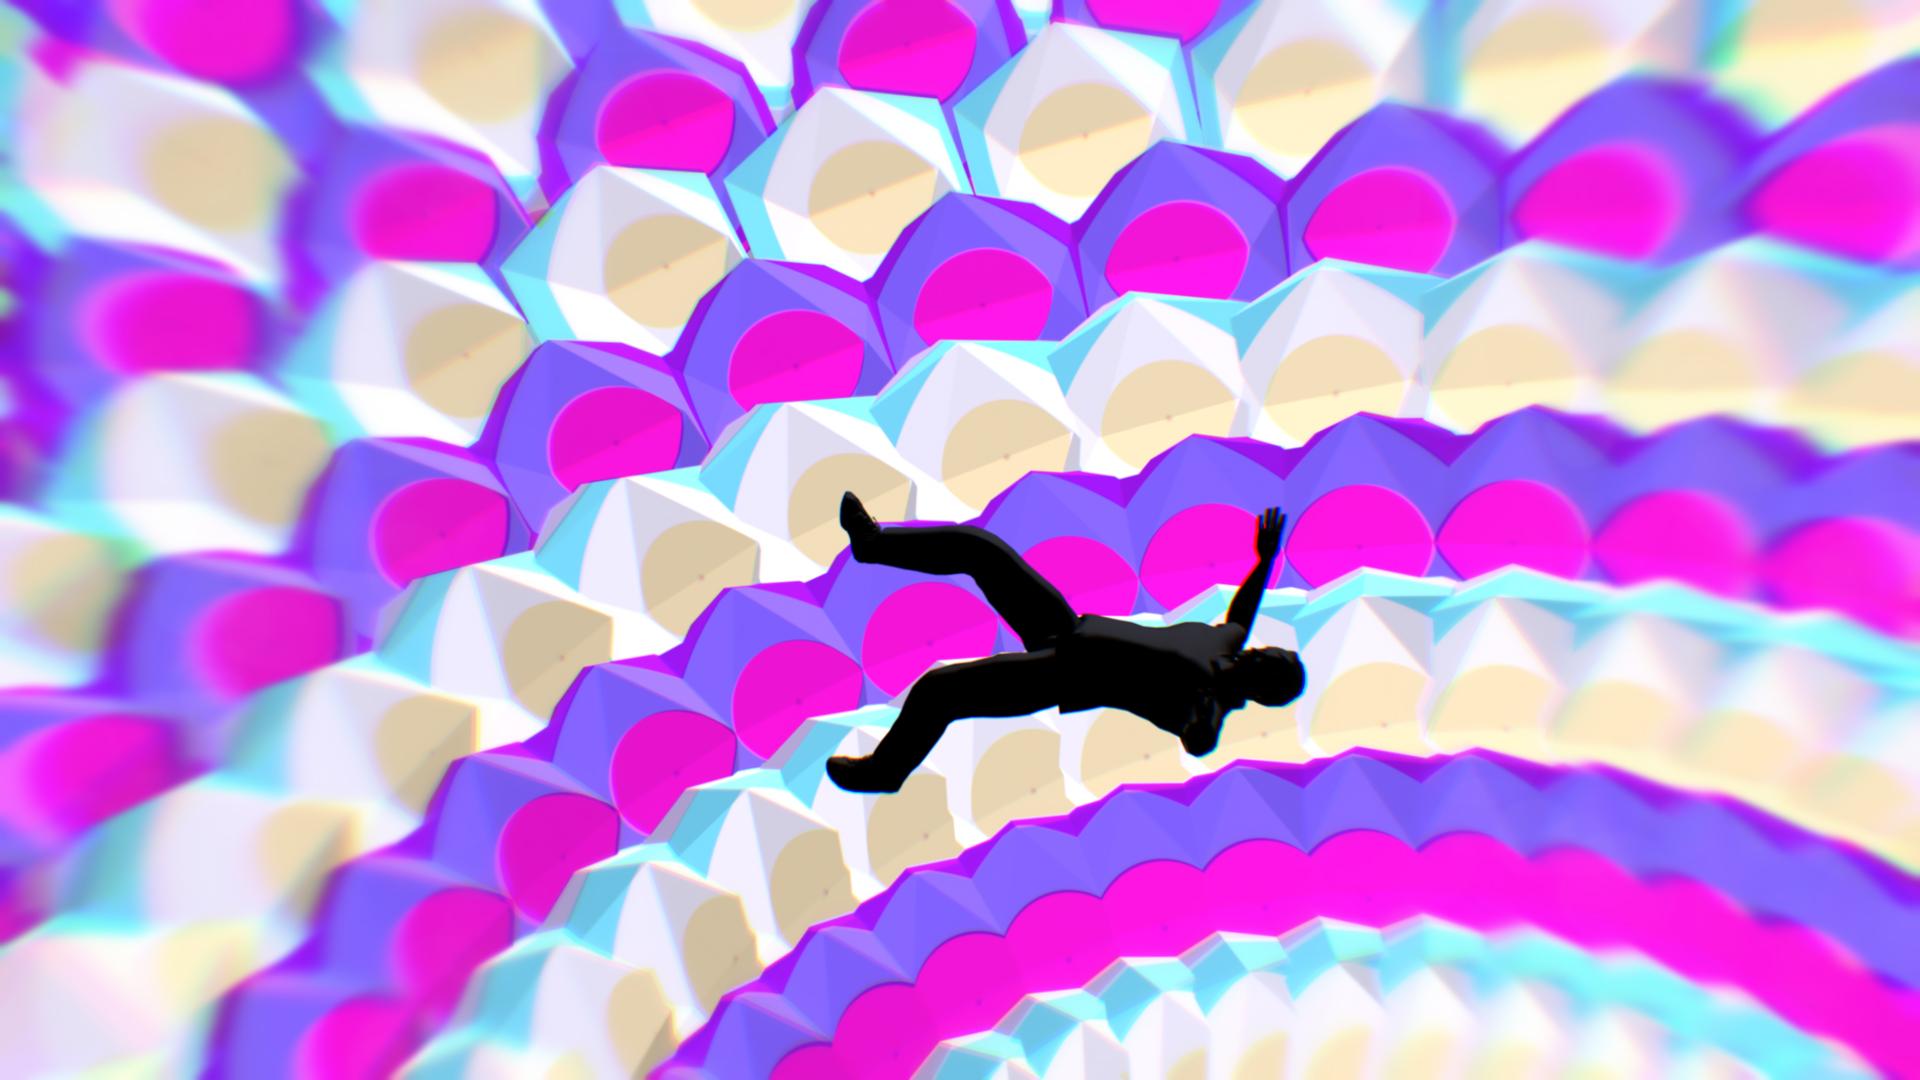 hex_flux_falling_seq_S_blur (00166).jpg